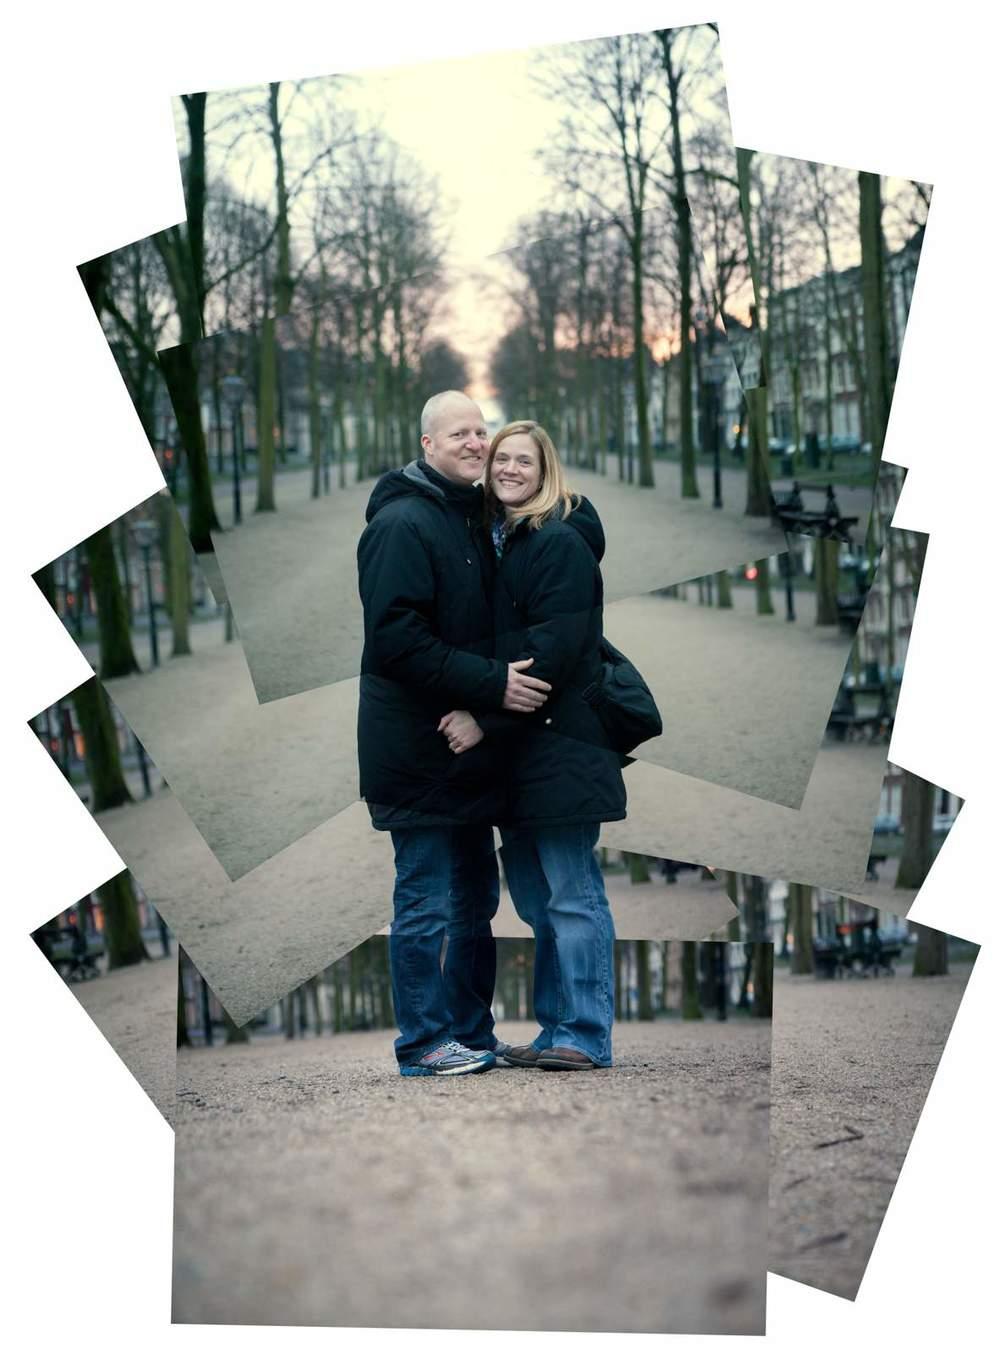 mexico-fotografo-retrato-boda-familia-montage-portrait-borrelli (61).jpg